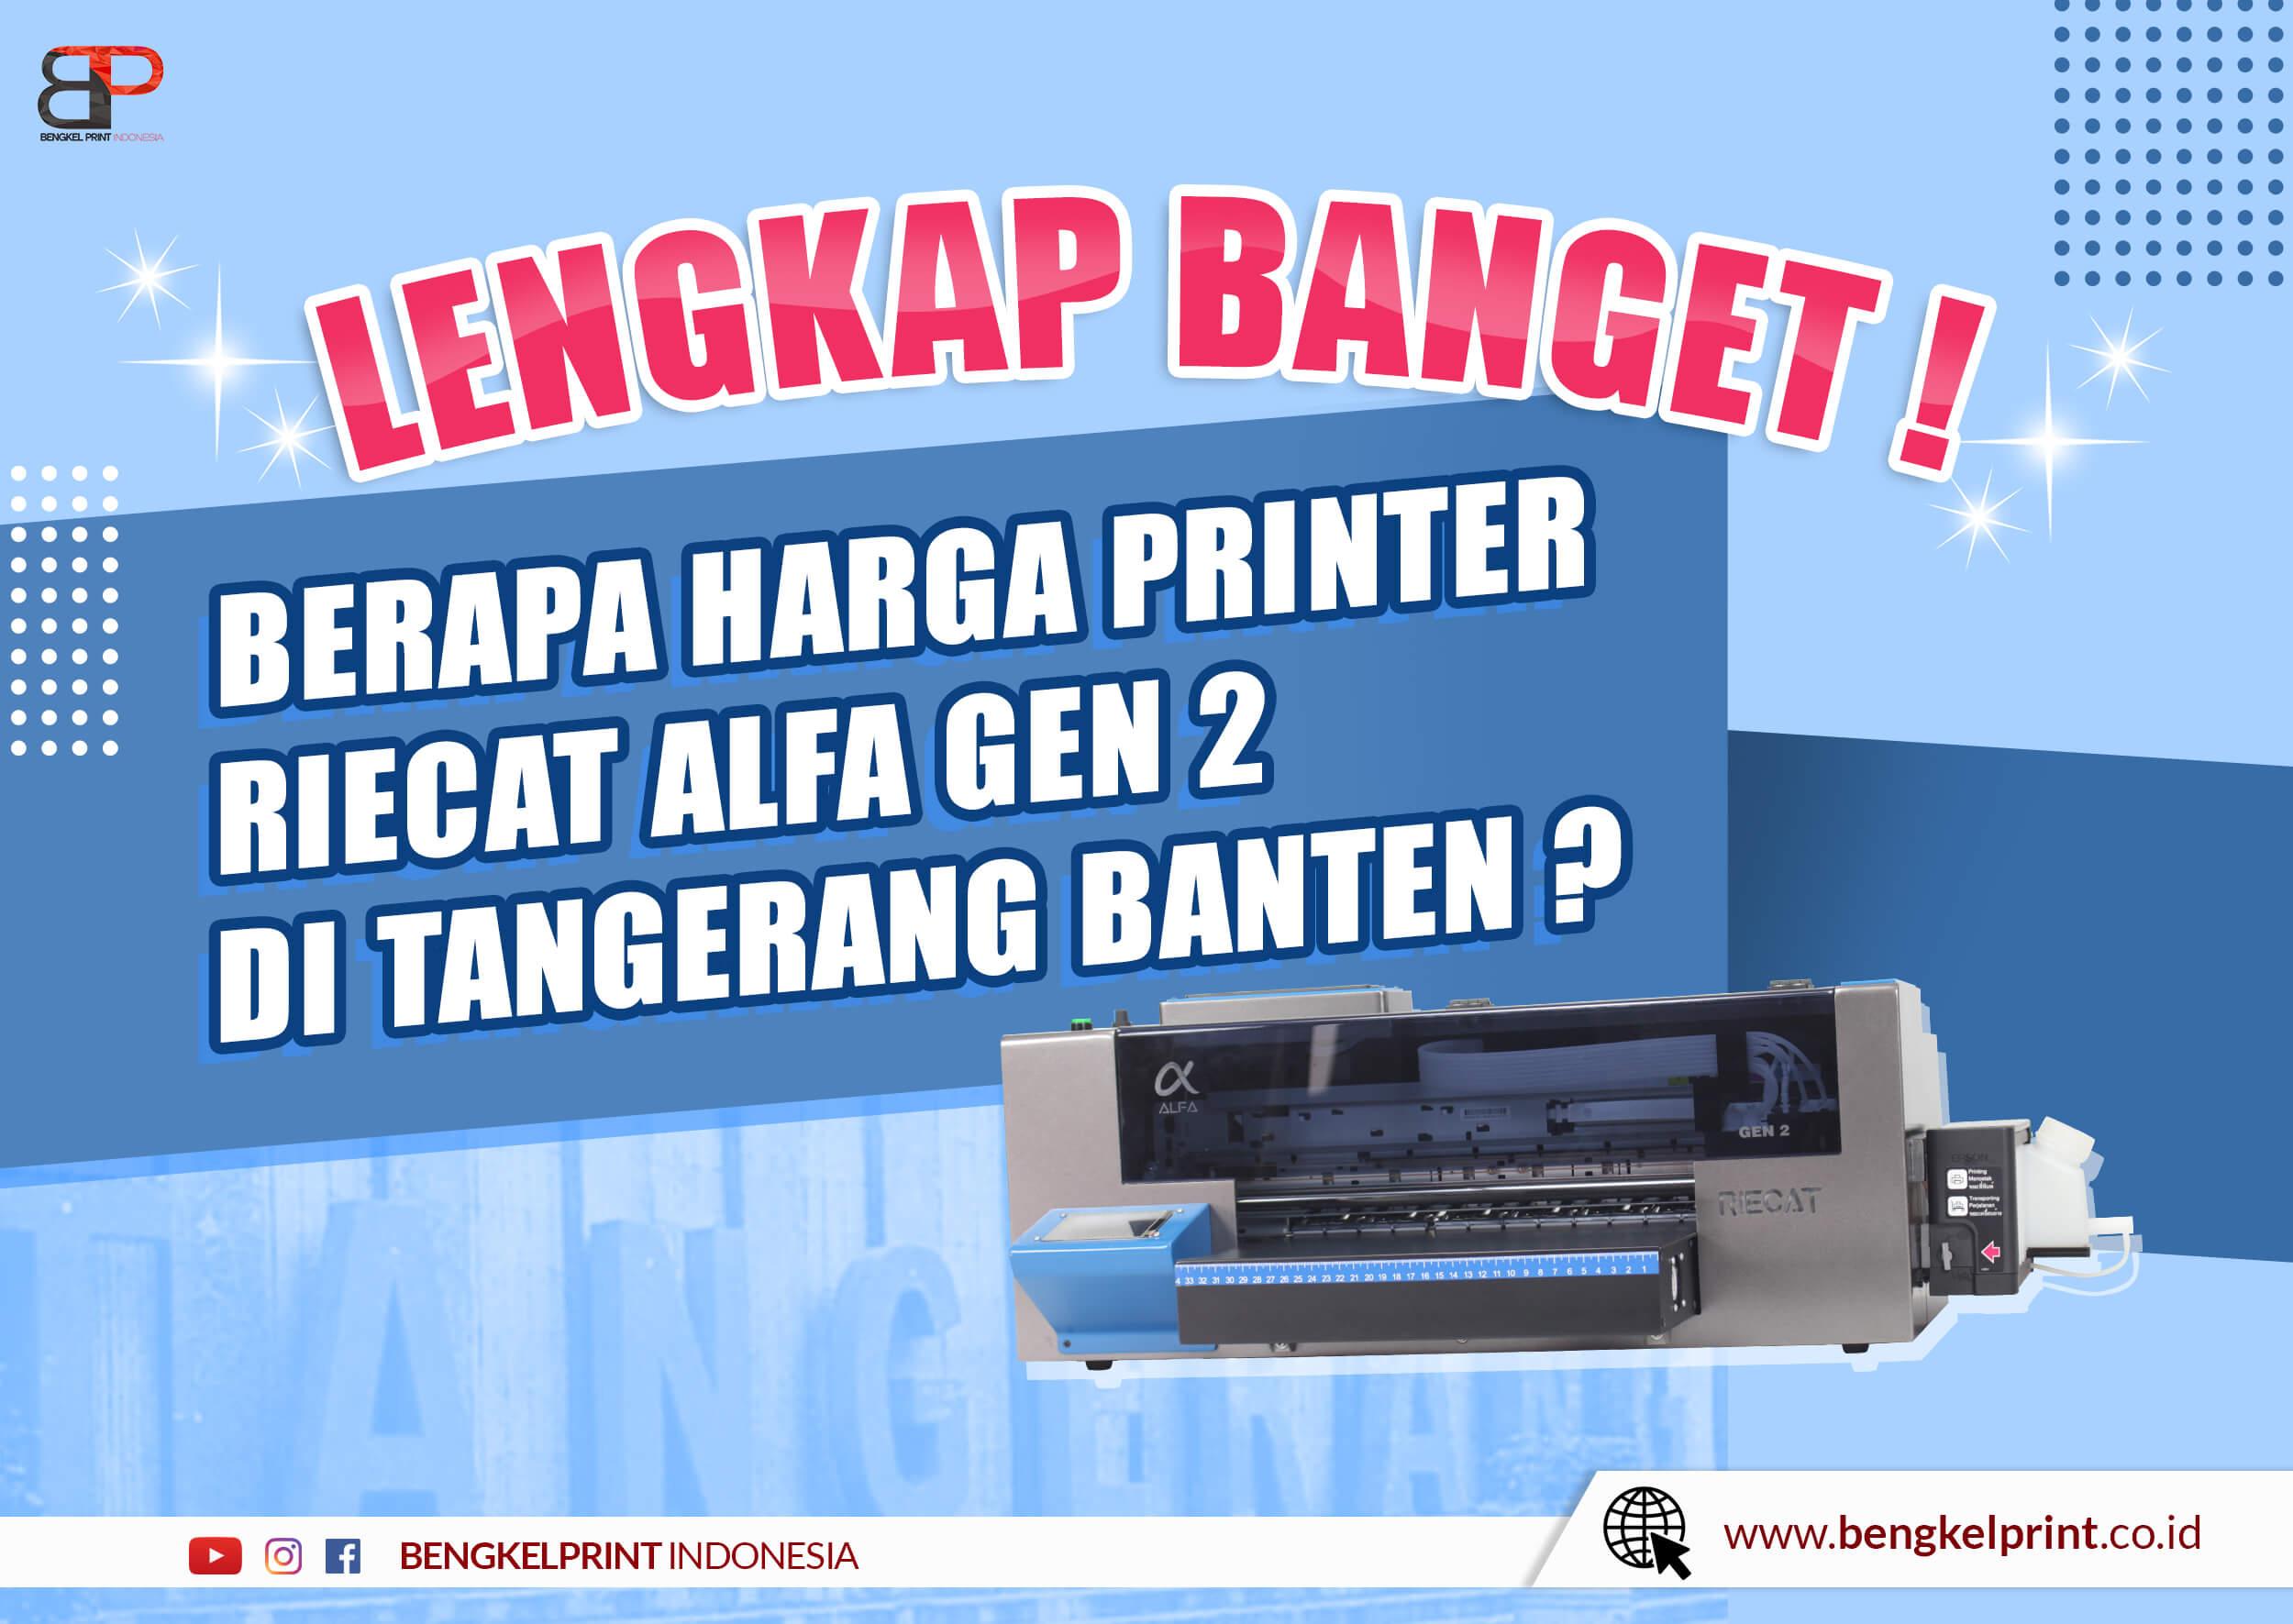 Jual Printer Riecat Alfa Gen 2 Tangerang